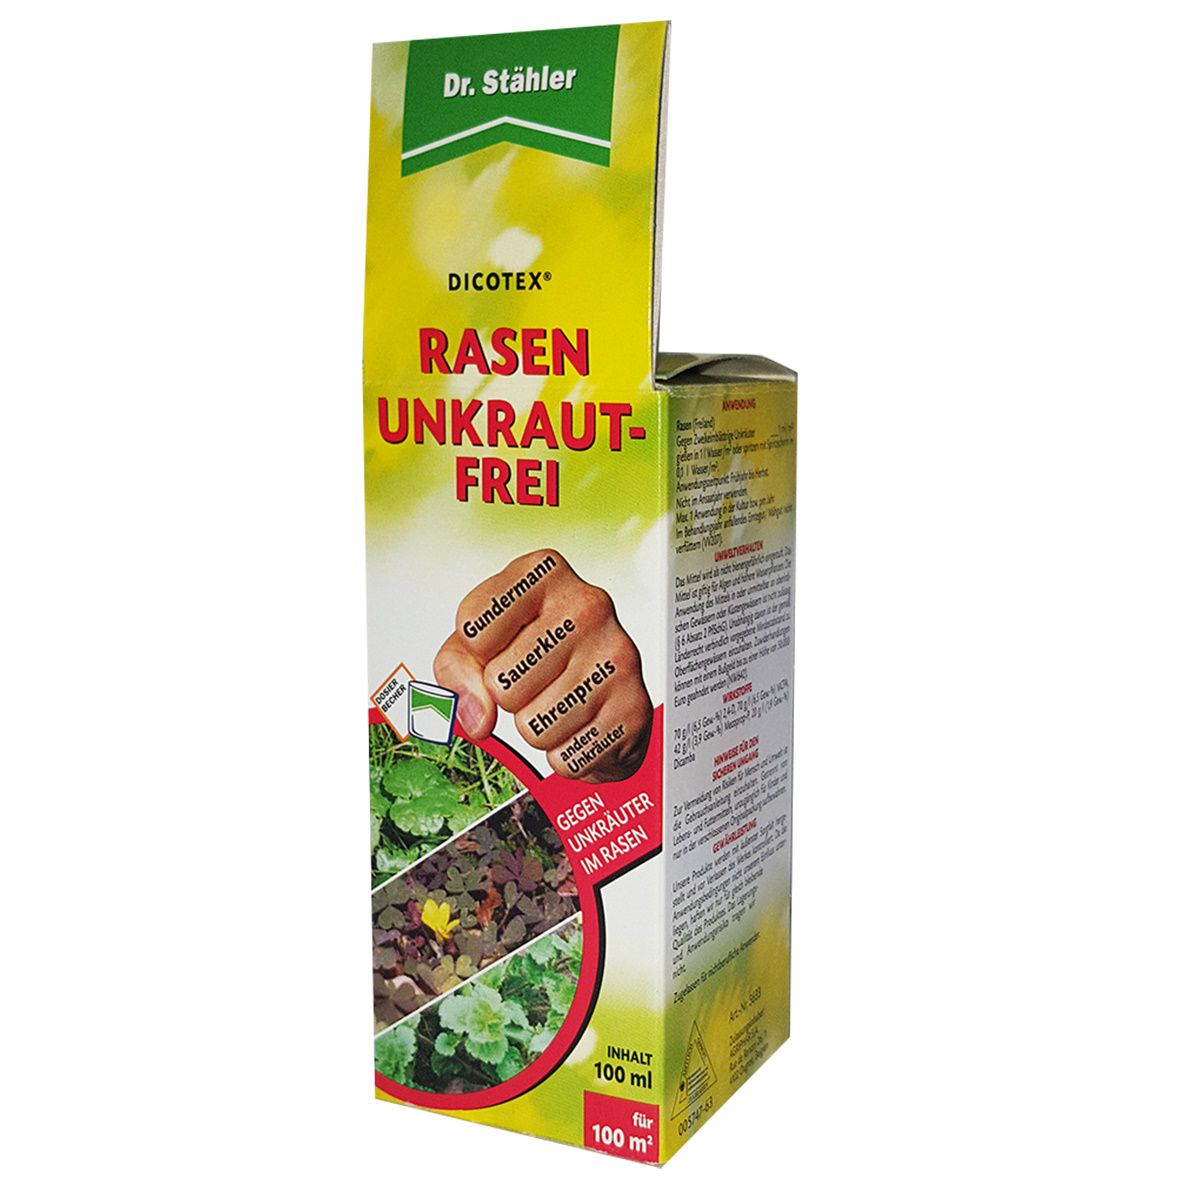 Dr. Stähler Dicotex Rasen Unkraut-Frei Super 100 ml für 100 m²